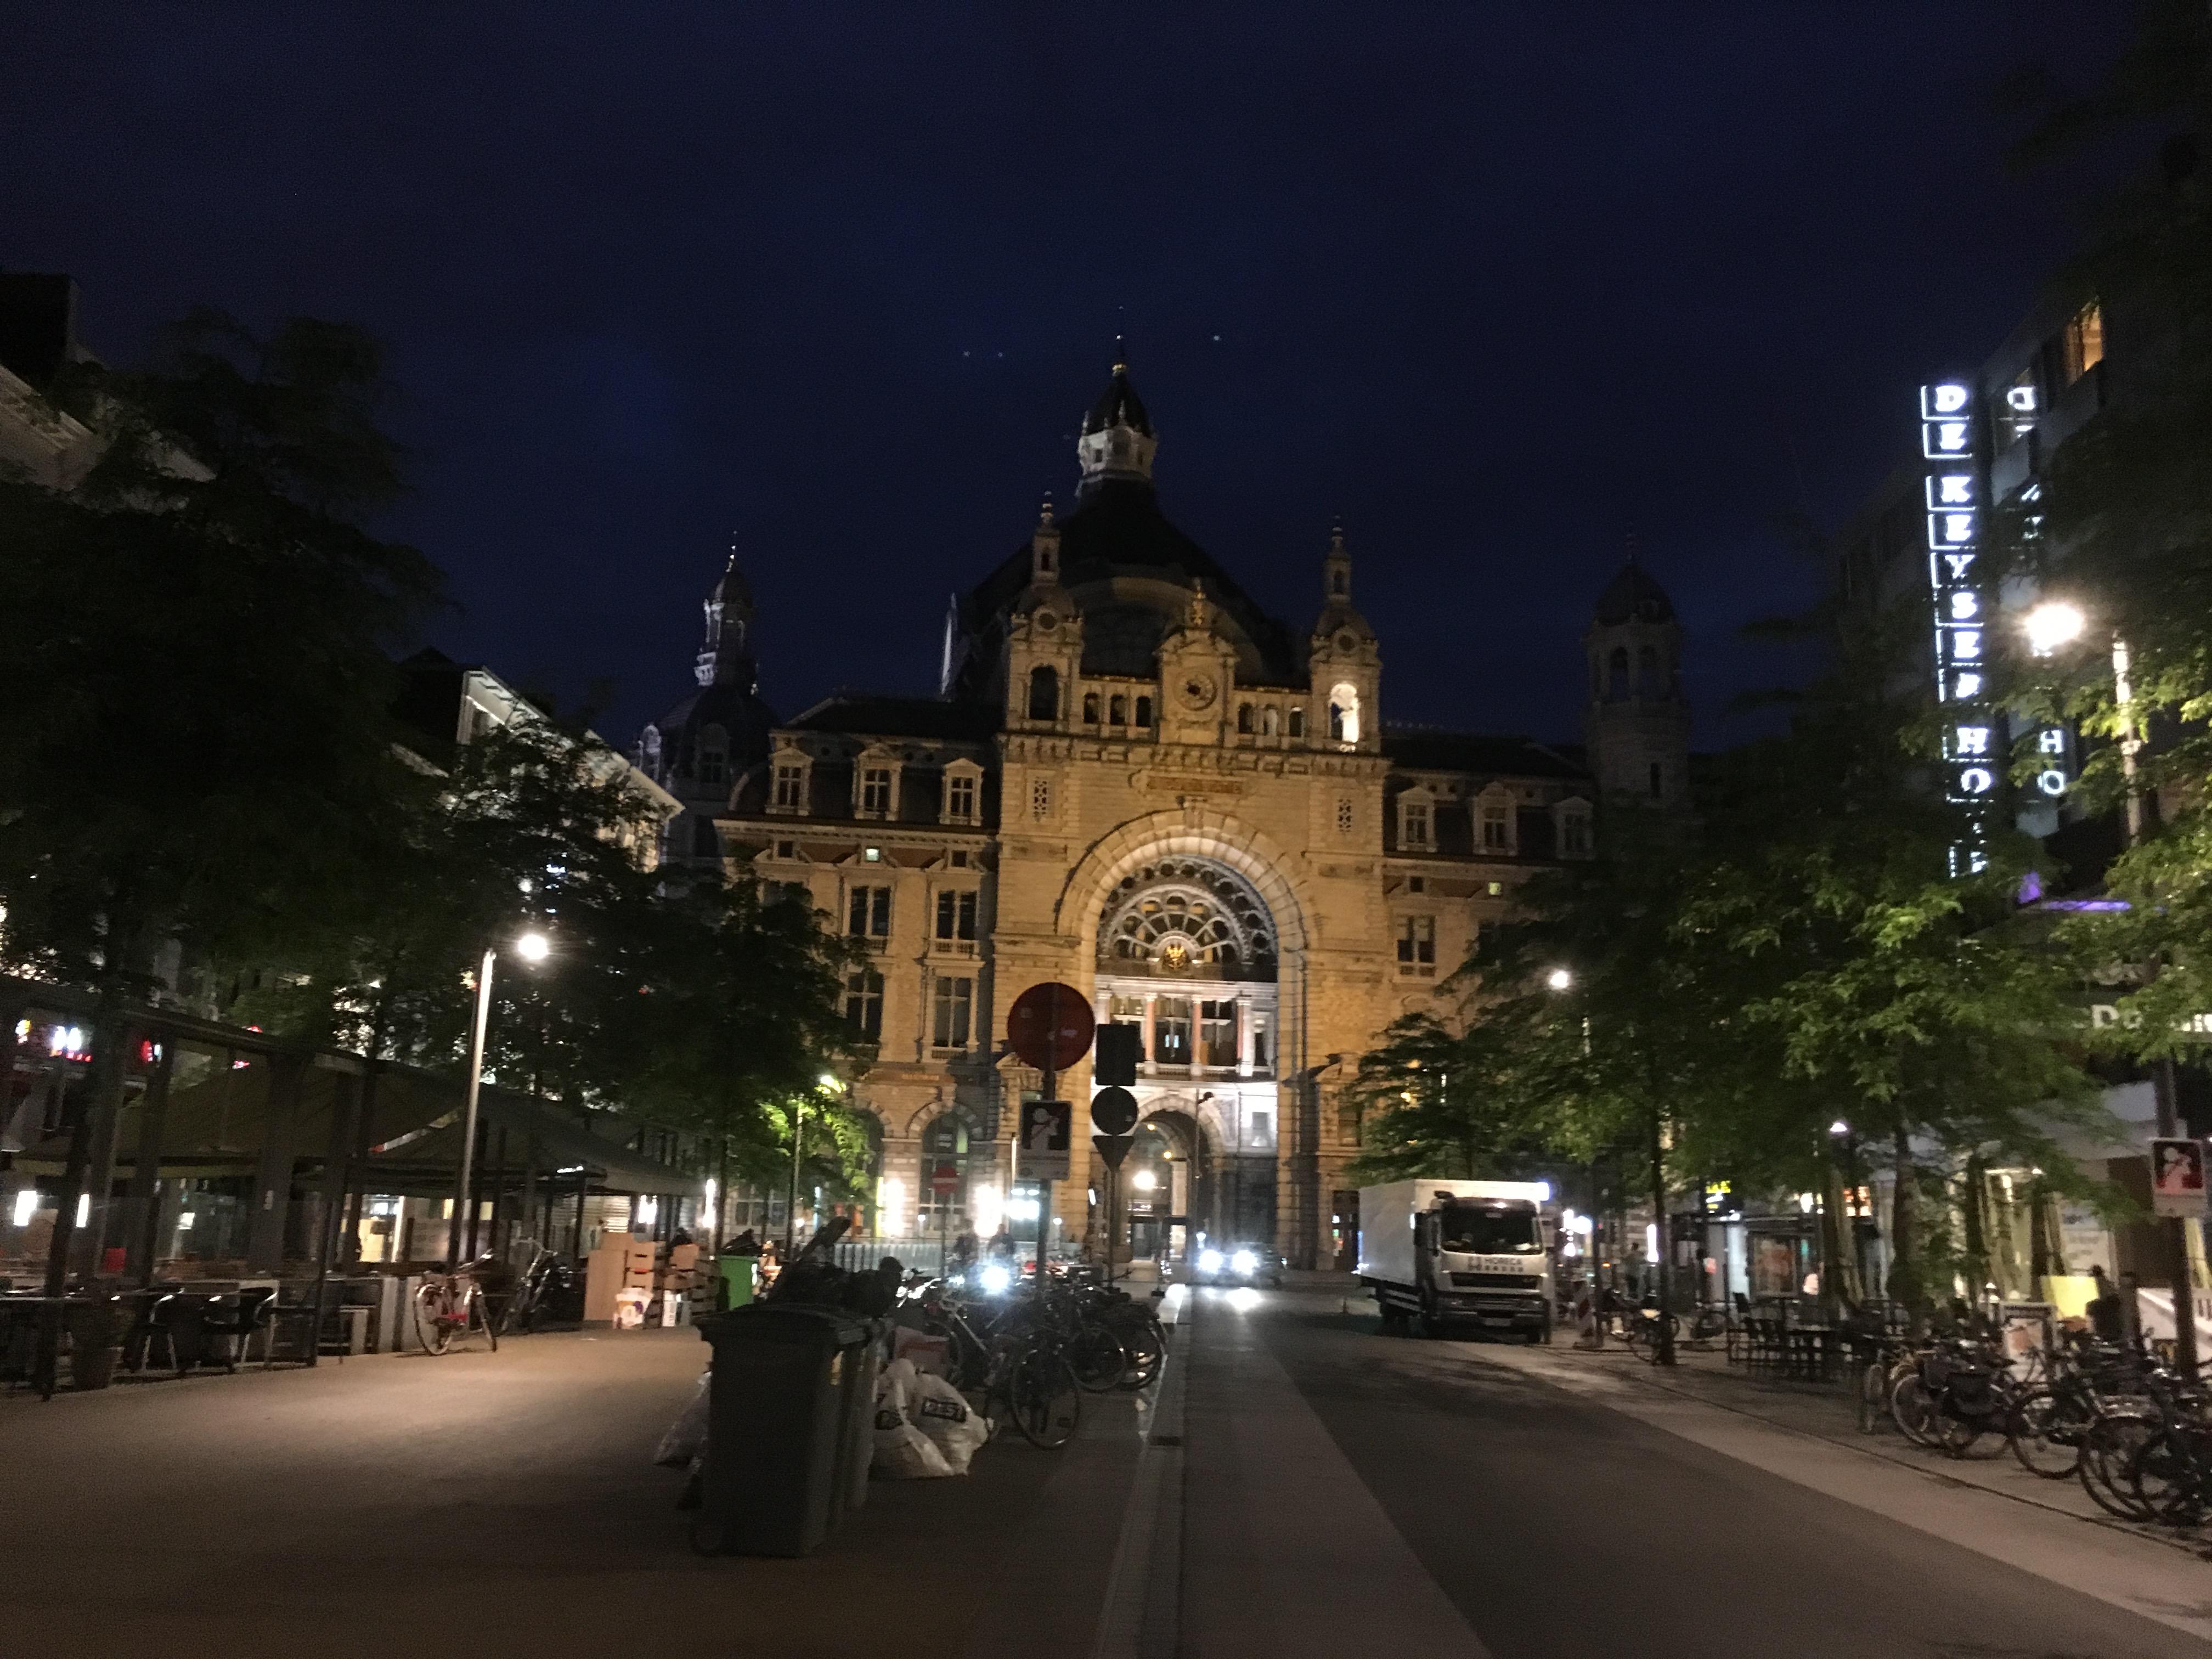 ベルギー アントワープ 駅舎の画像